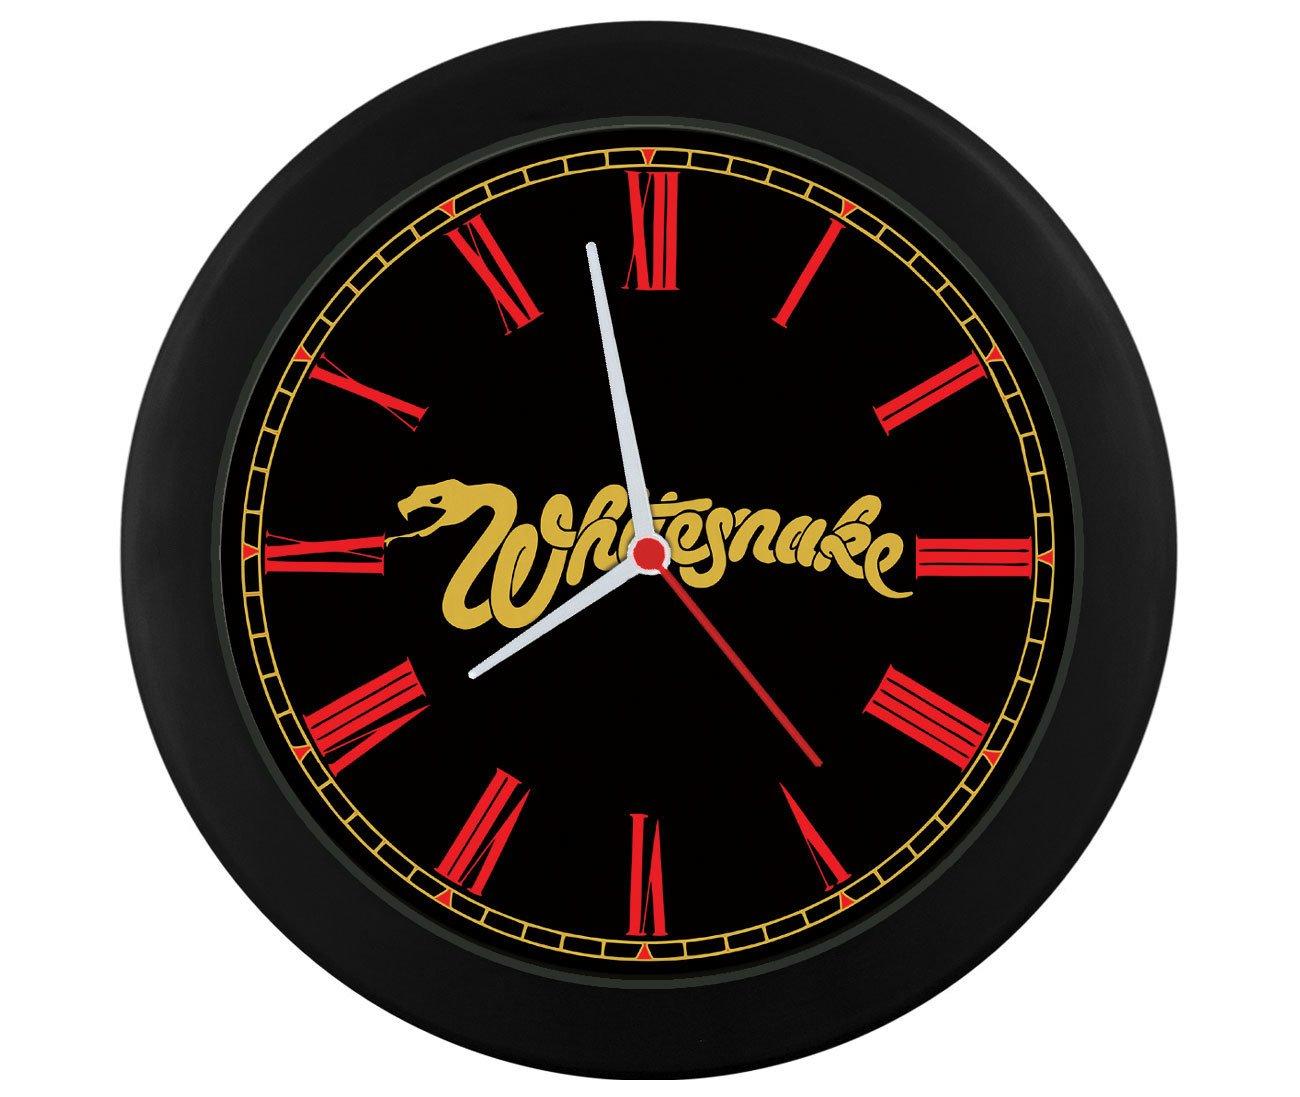 Relógio de parede Whitesnake